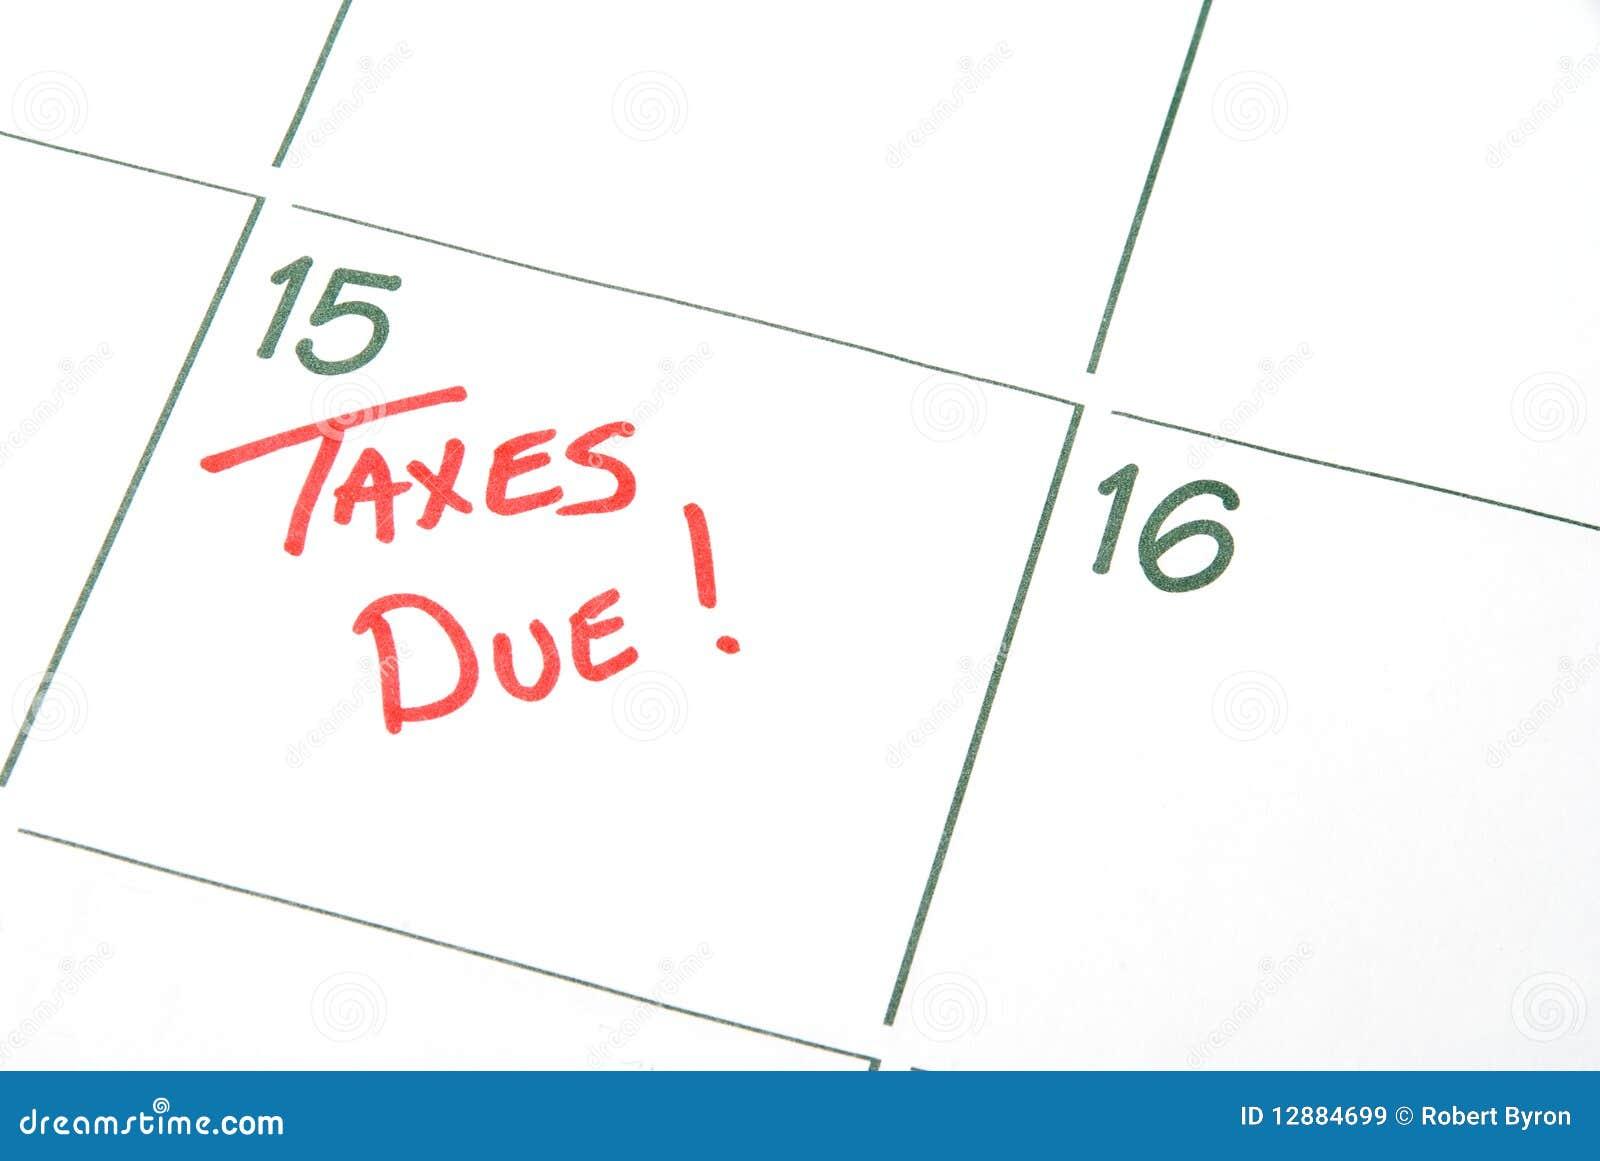 Impôts dus